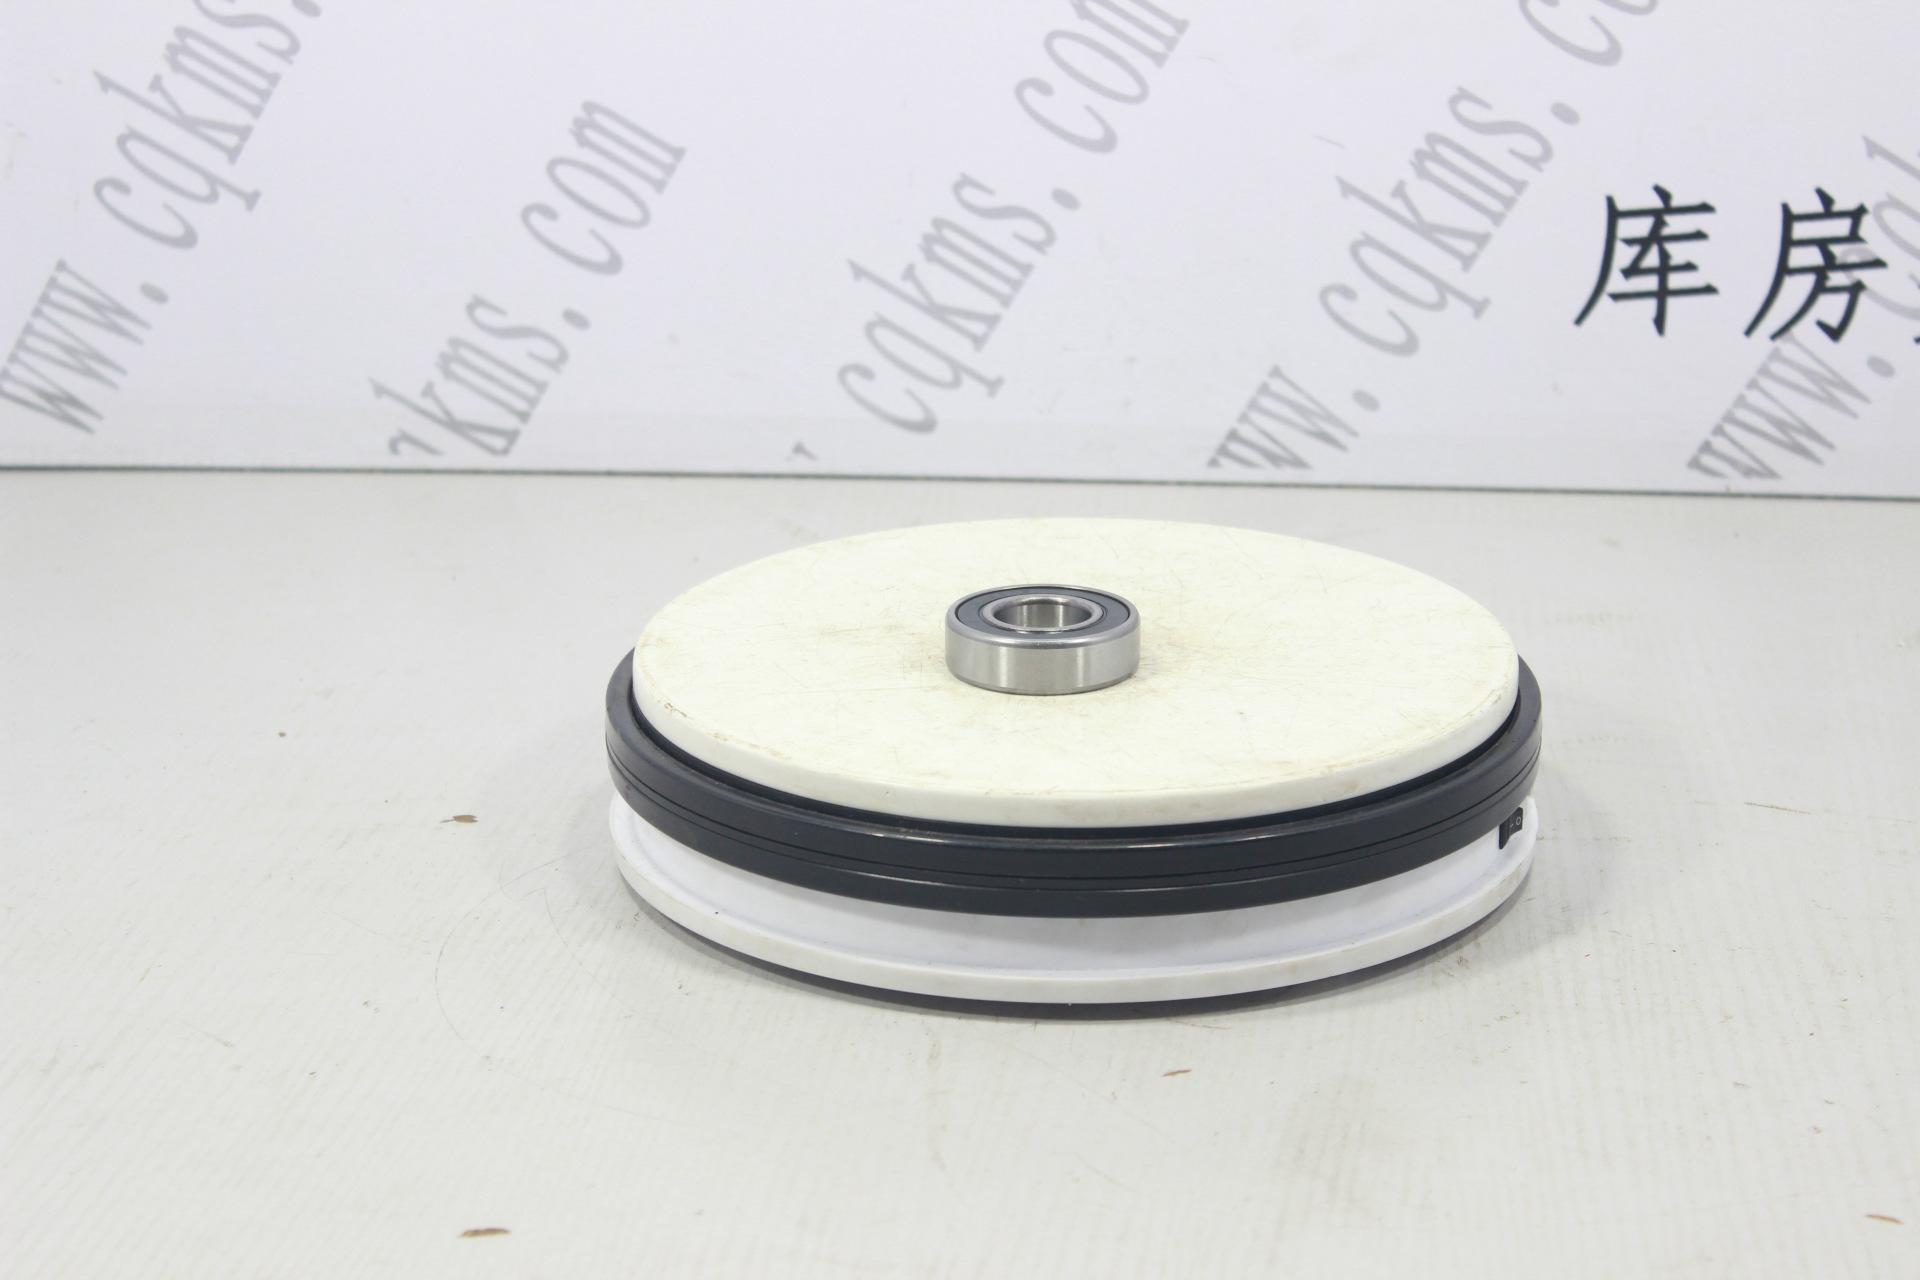 kms05115-S16002-轴承---参考规格高1.5*外径5.2*内径2.5CM-参考重量0.15Kg净重-0.15Kg净重图片1